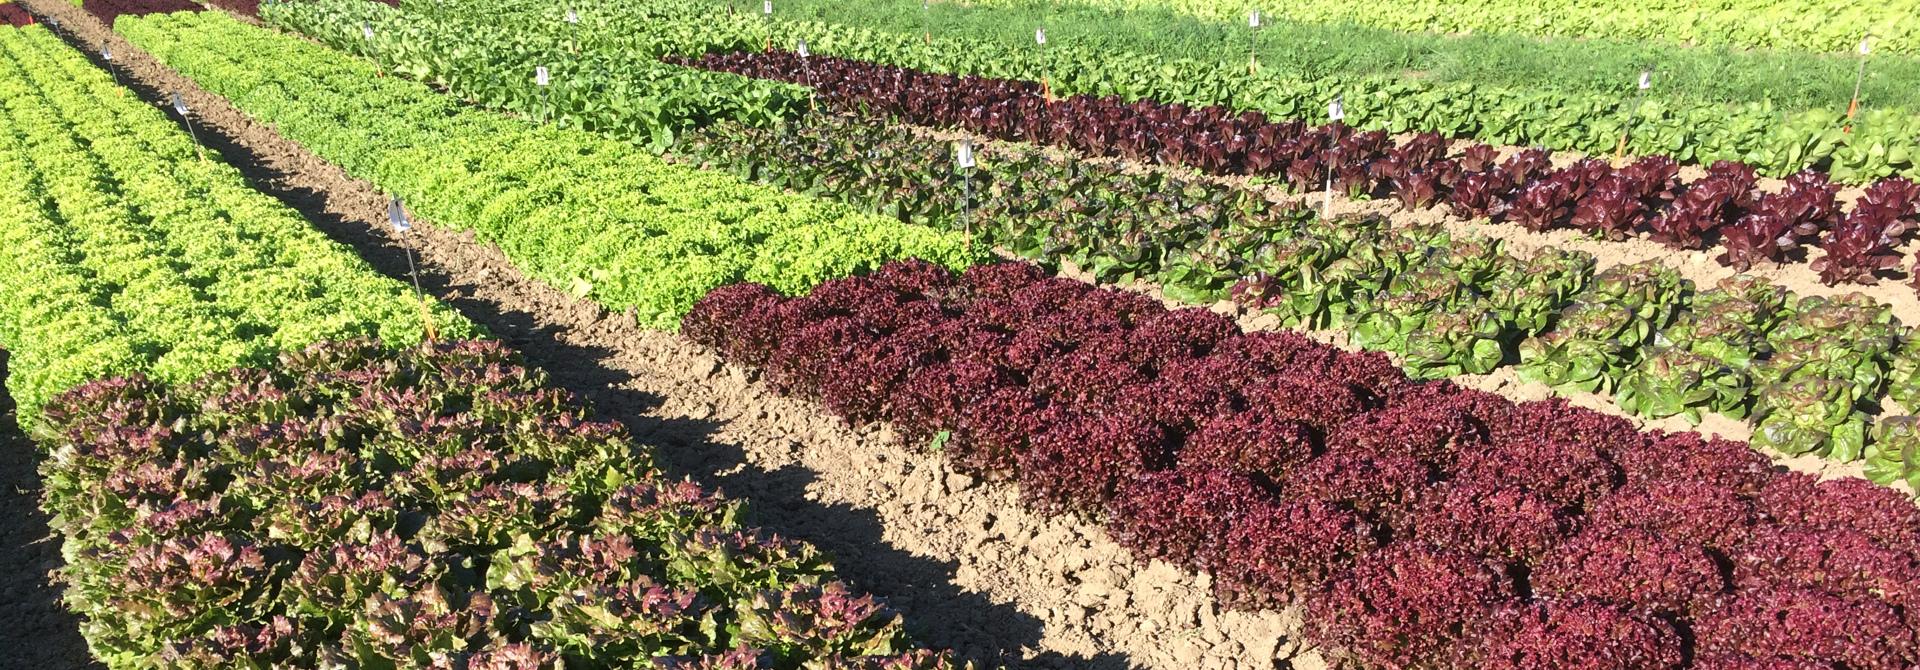 Salatsorten-Versuche Freilandgemu00fcse-Tagung 2020>